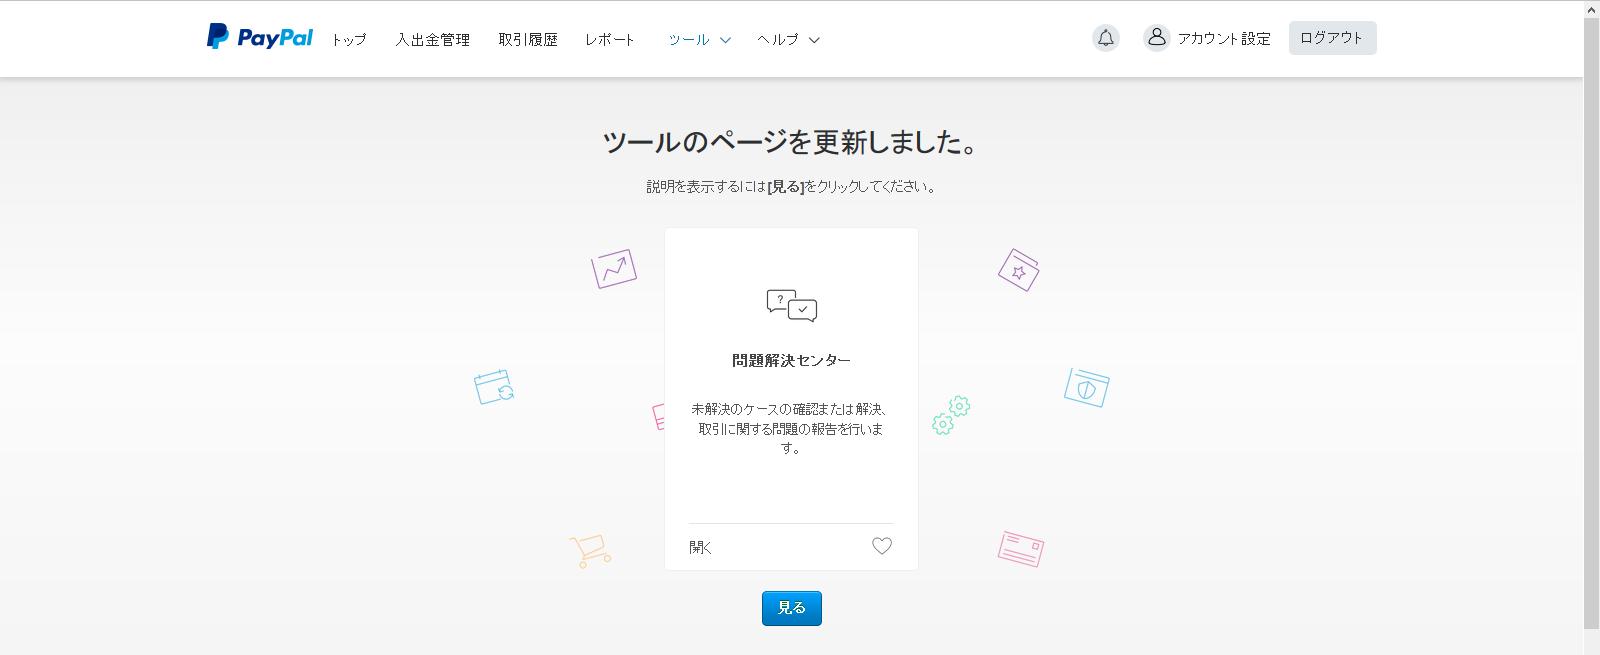 ツールのページが更新しました。